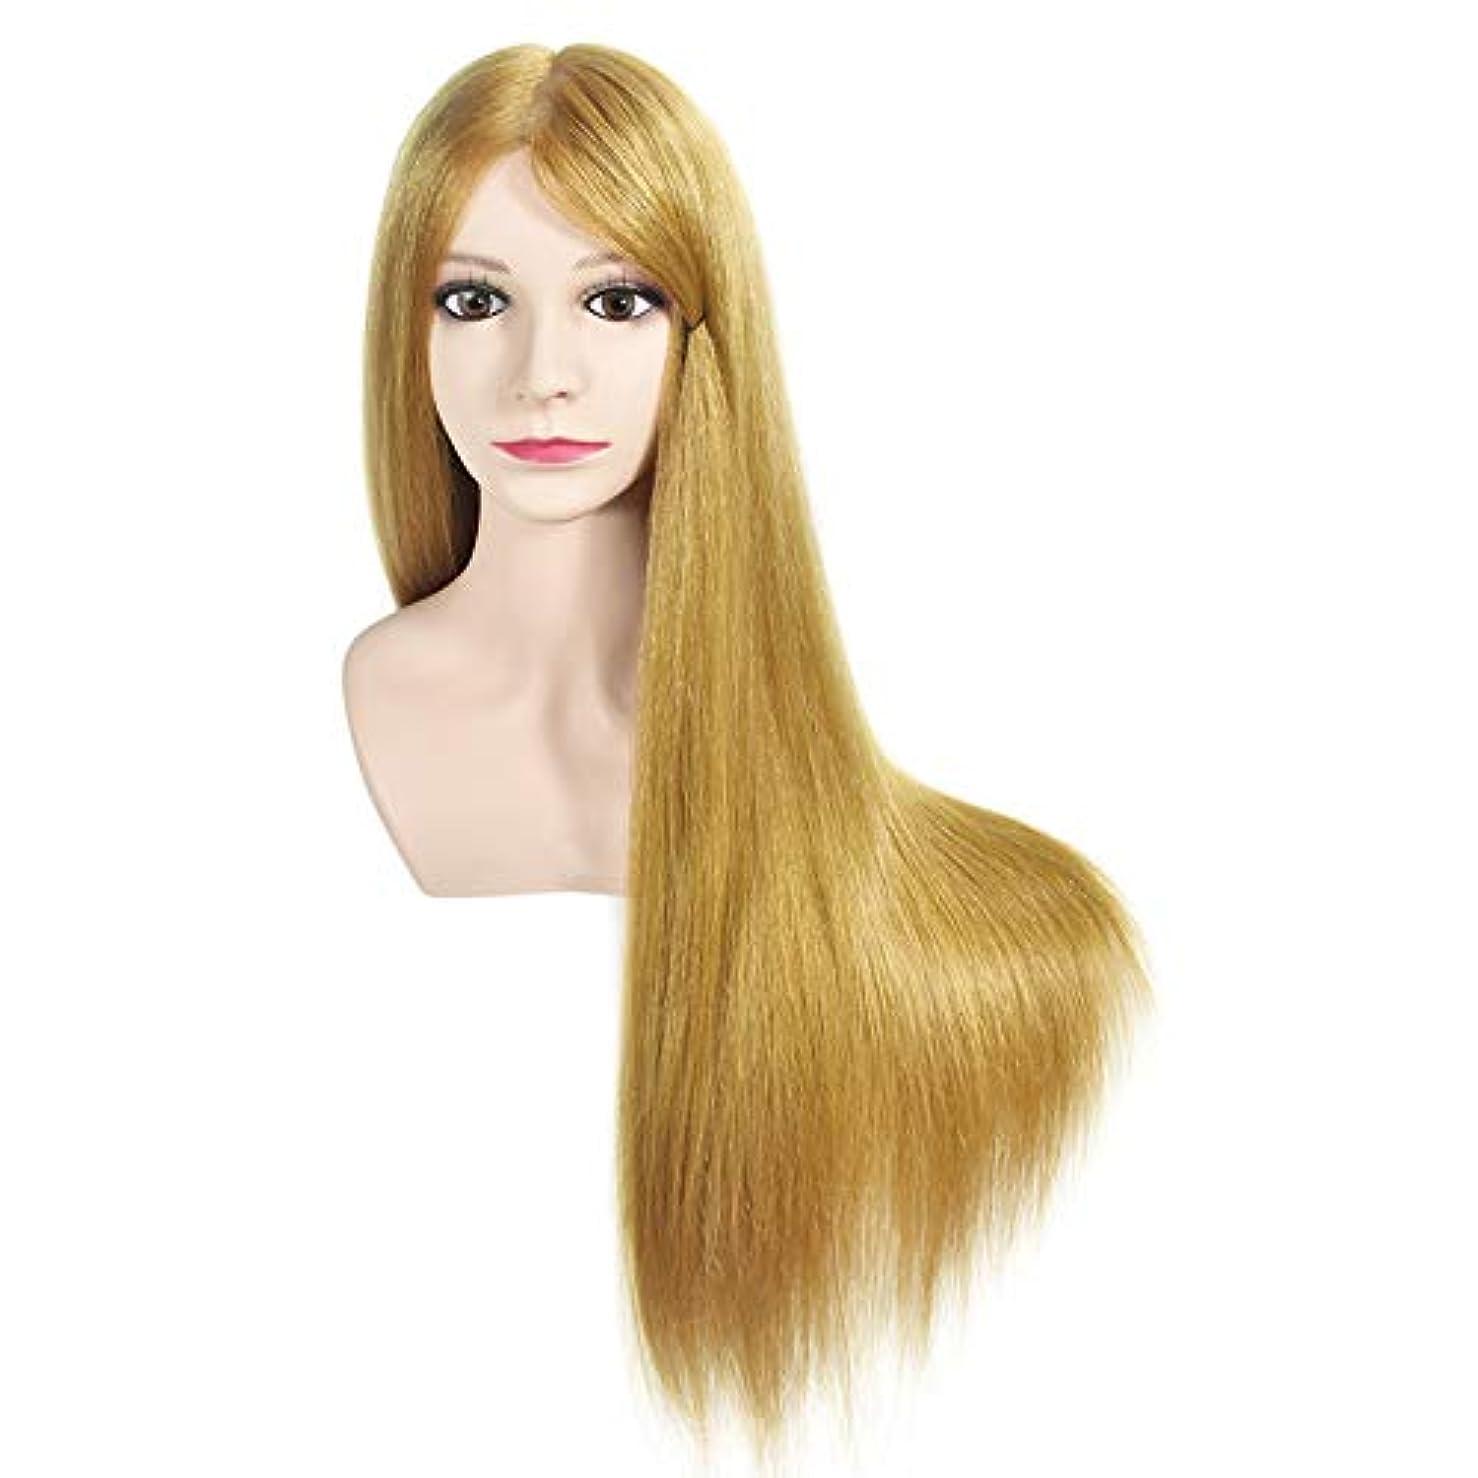 結婚したモニターキャストサロンヘアブレイド理髪指導ヘッドスタイリング散髪ダミーヘッド化粧学習ショルダーマネキンヘッド